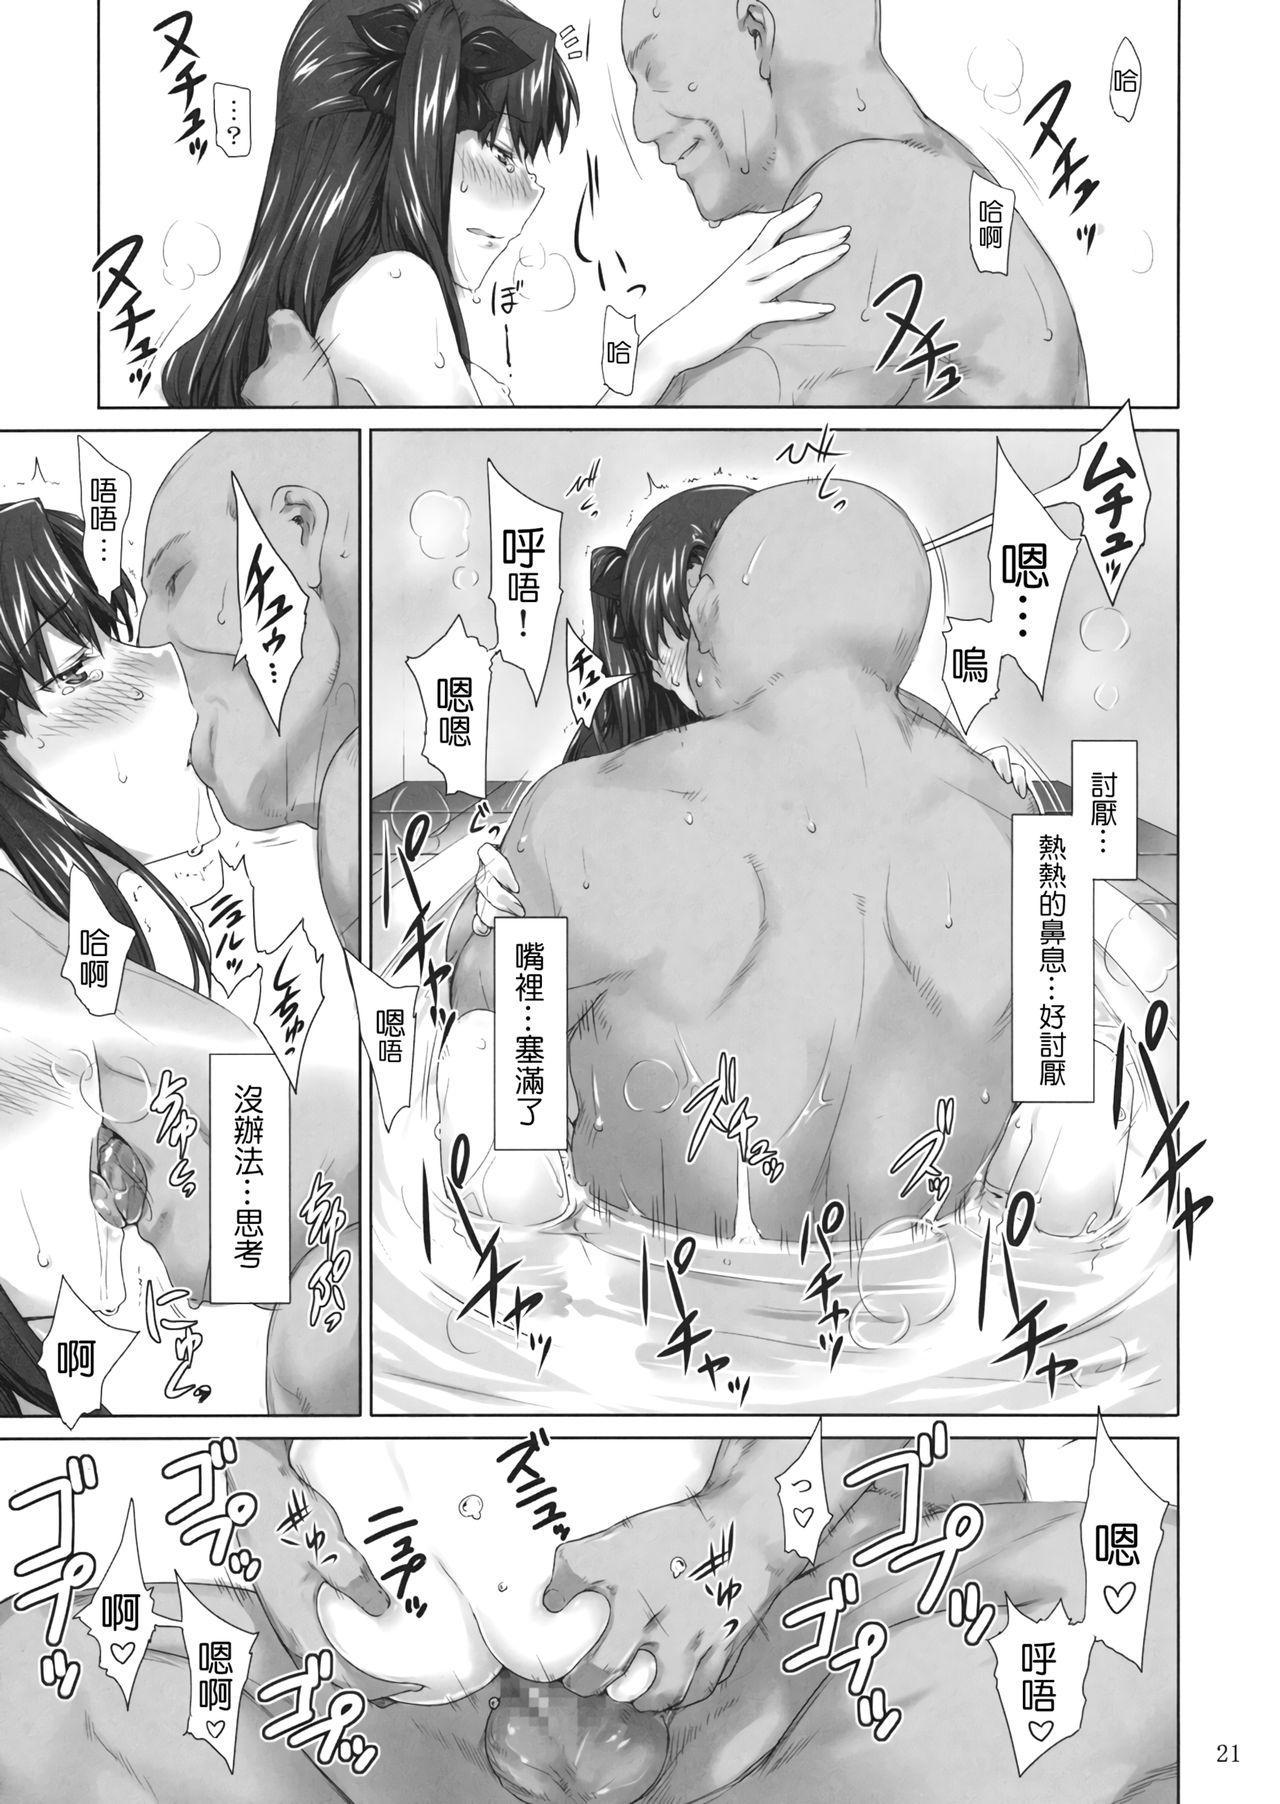 Tohsaka-ke no Kakei Jijou 6 19